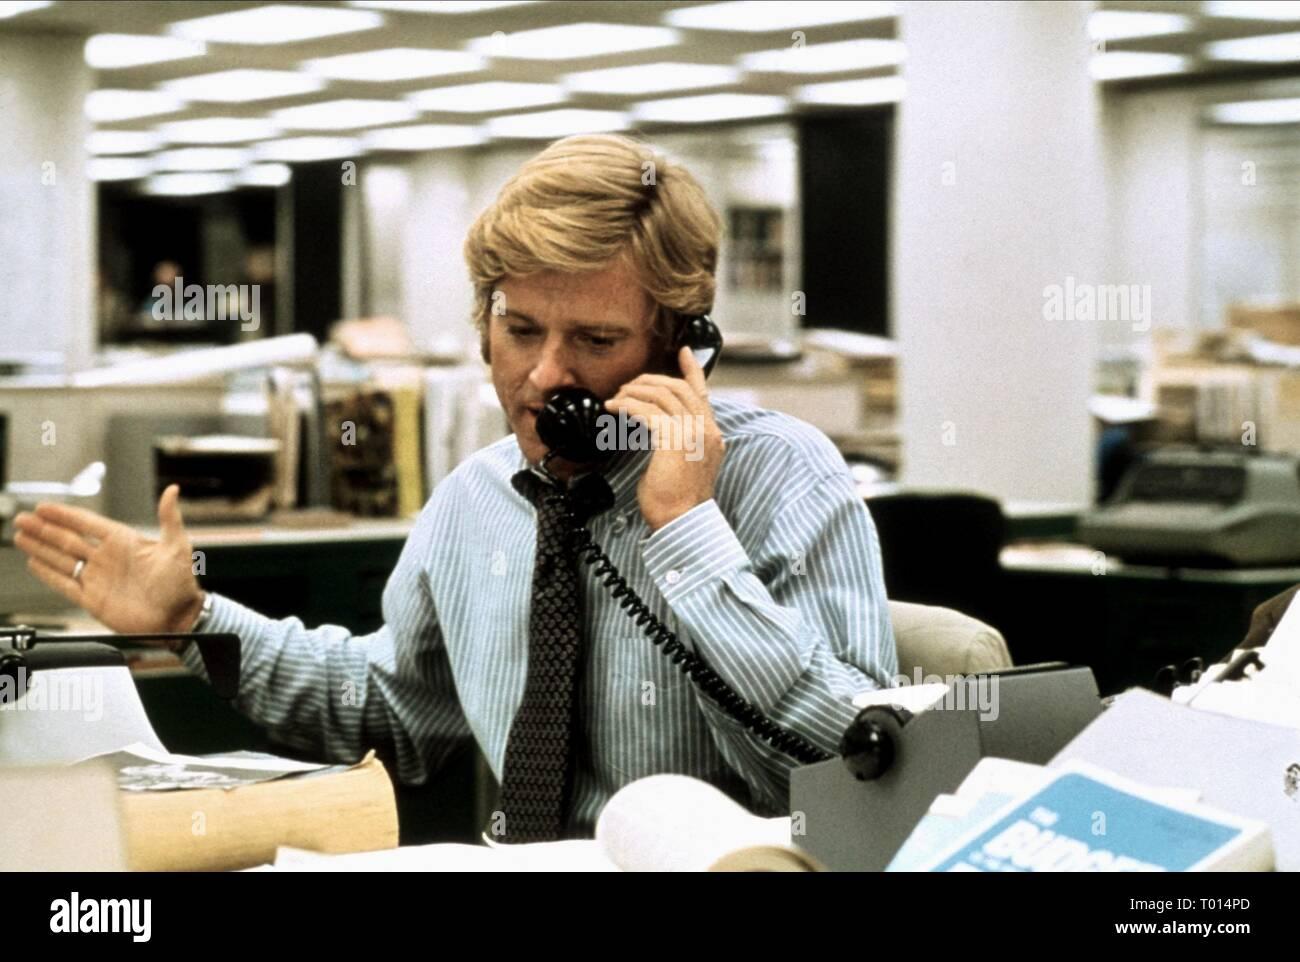 ROBERT REDFORD, ALL THE PRESIDENT'S MEN, 1976 - Stock Image